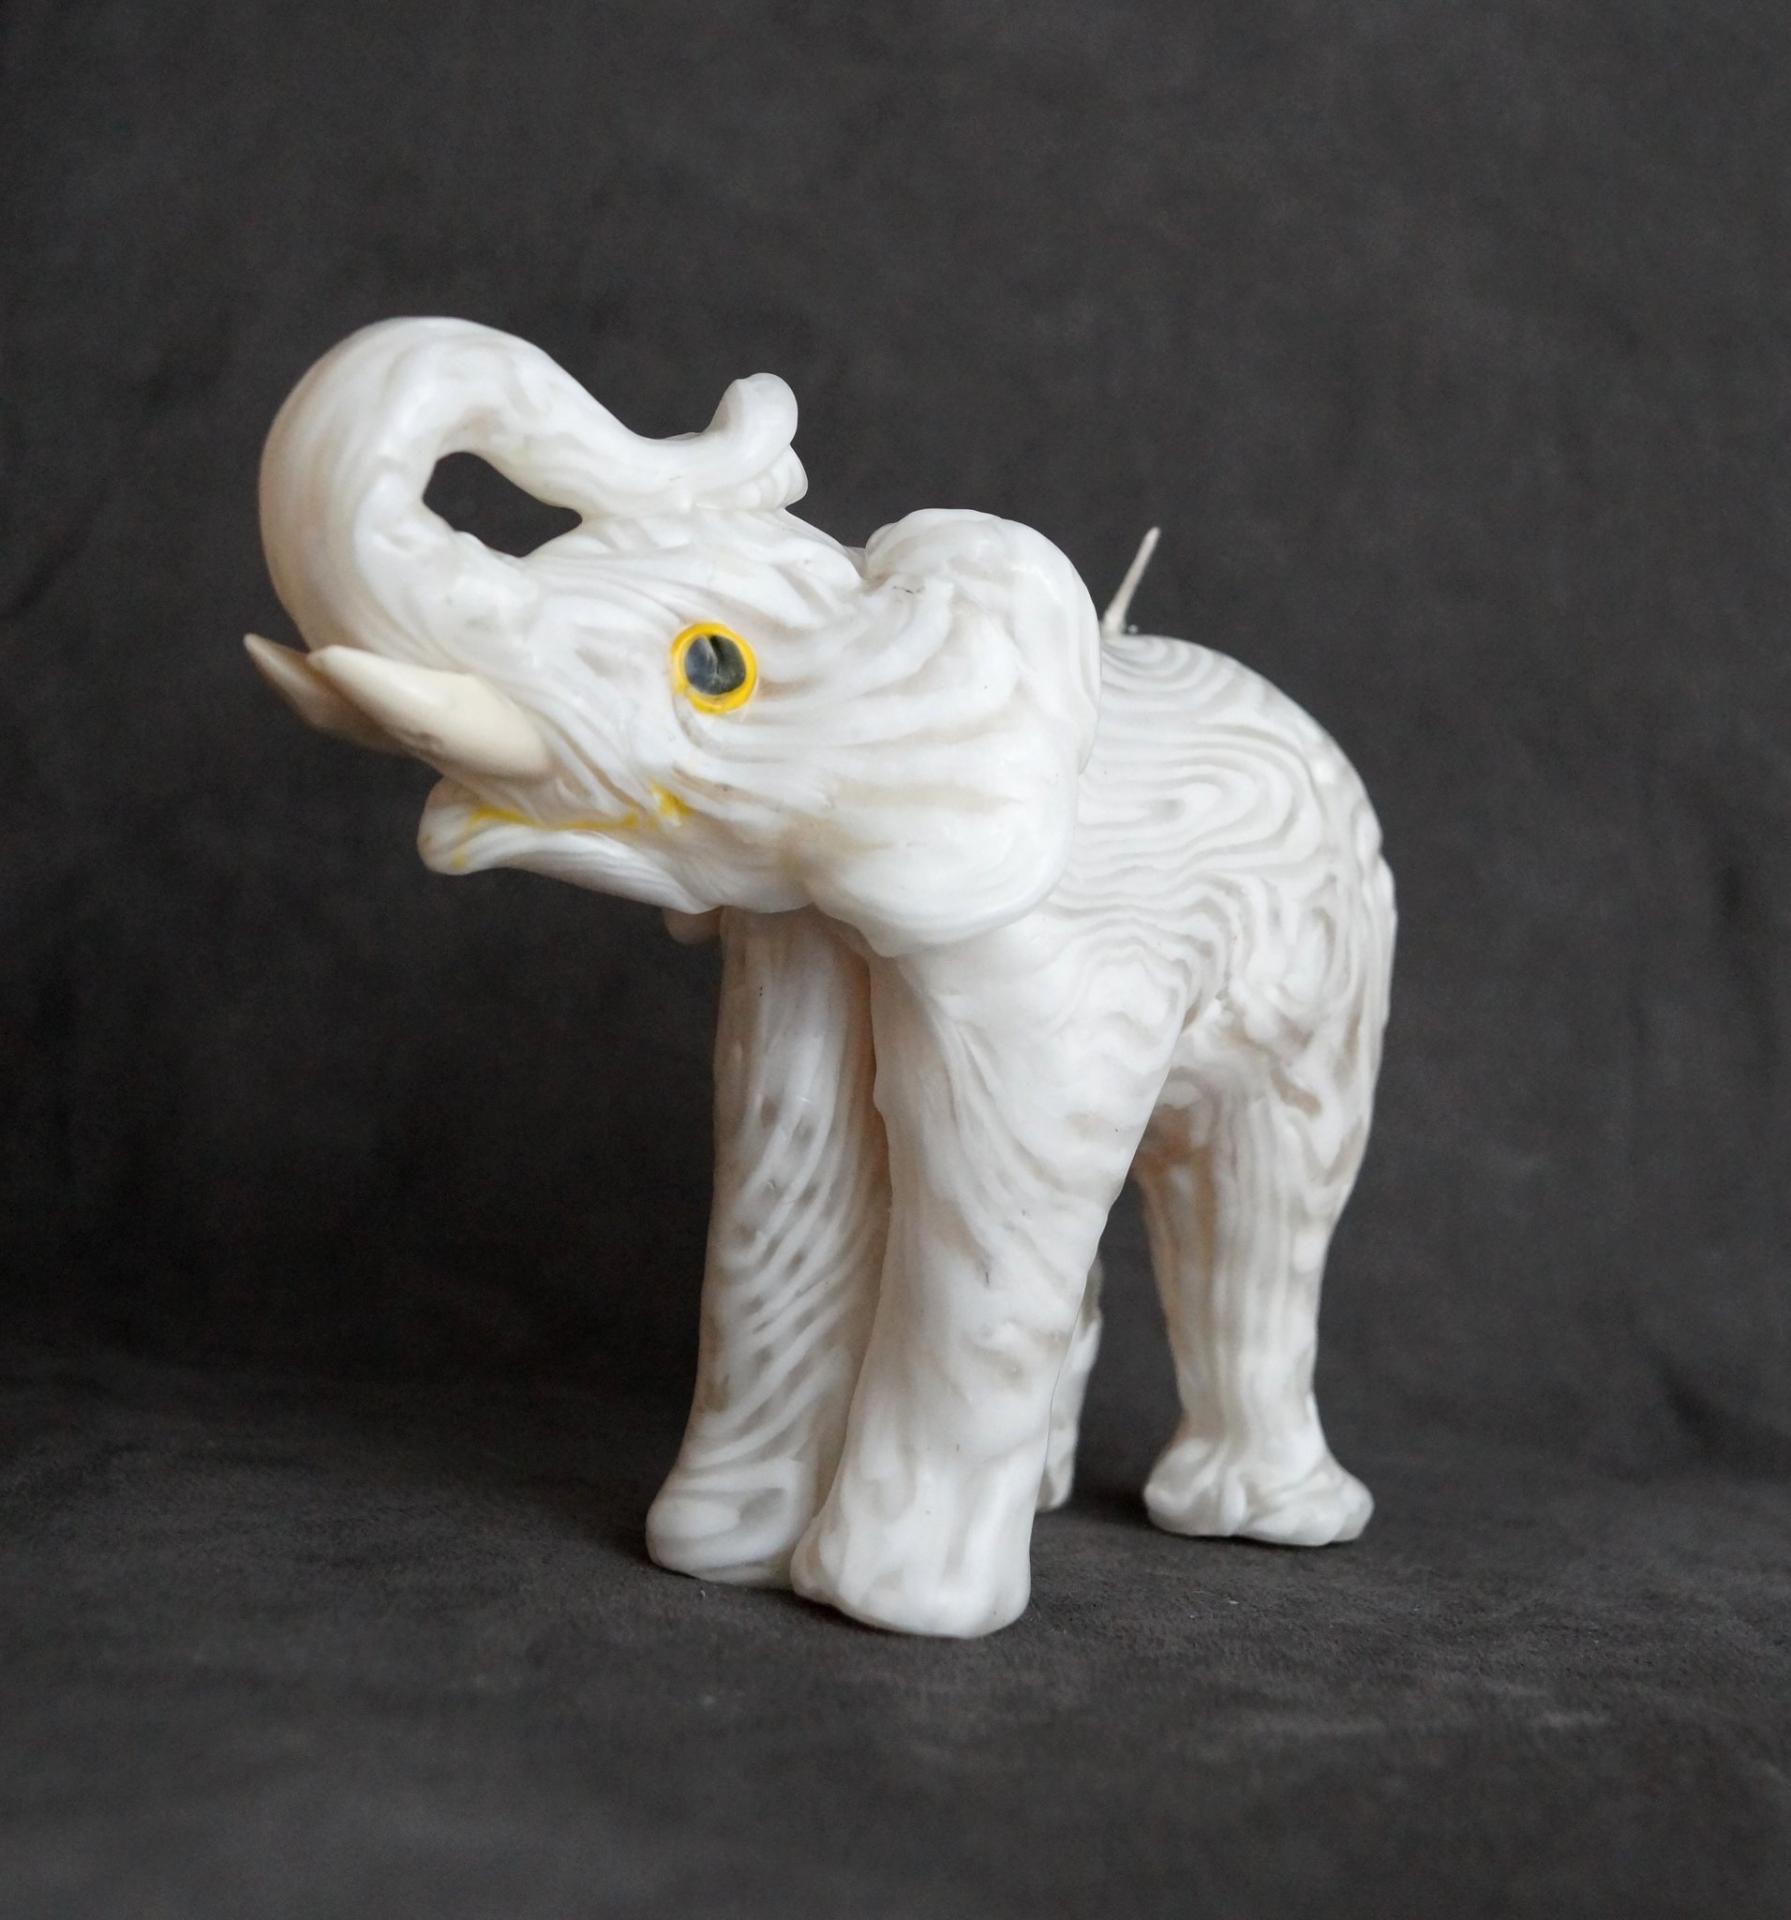 Bougie artisanales elephant blanc 1